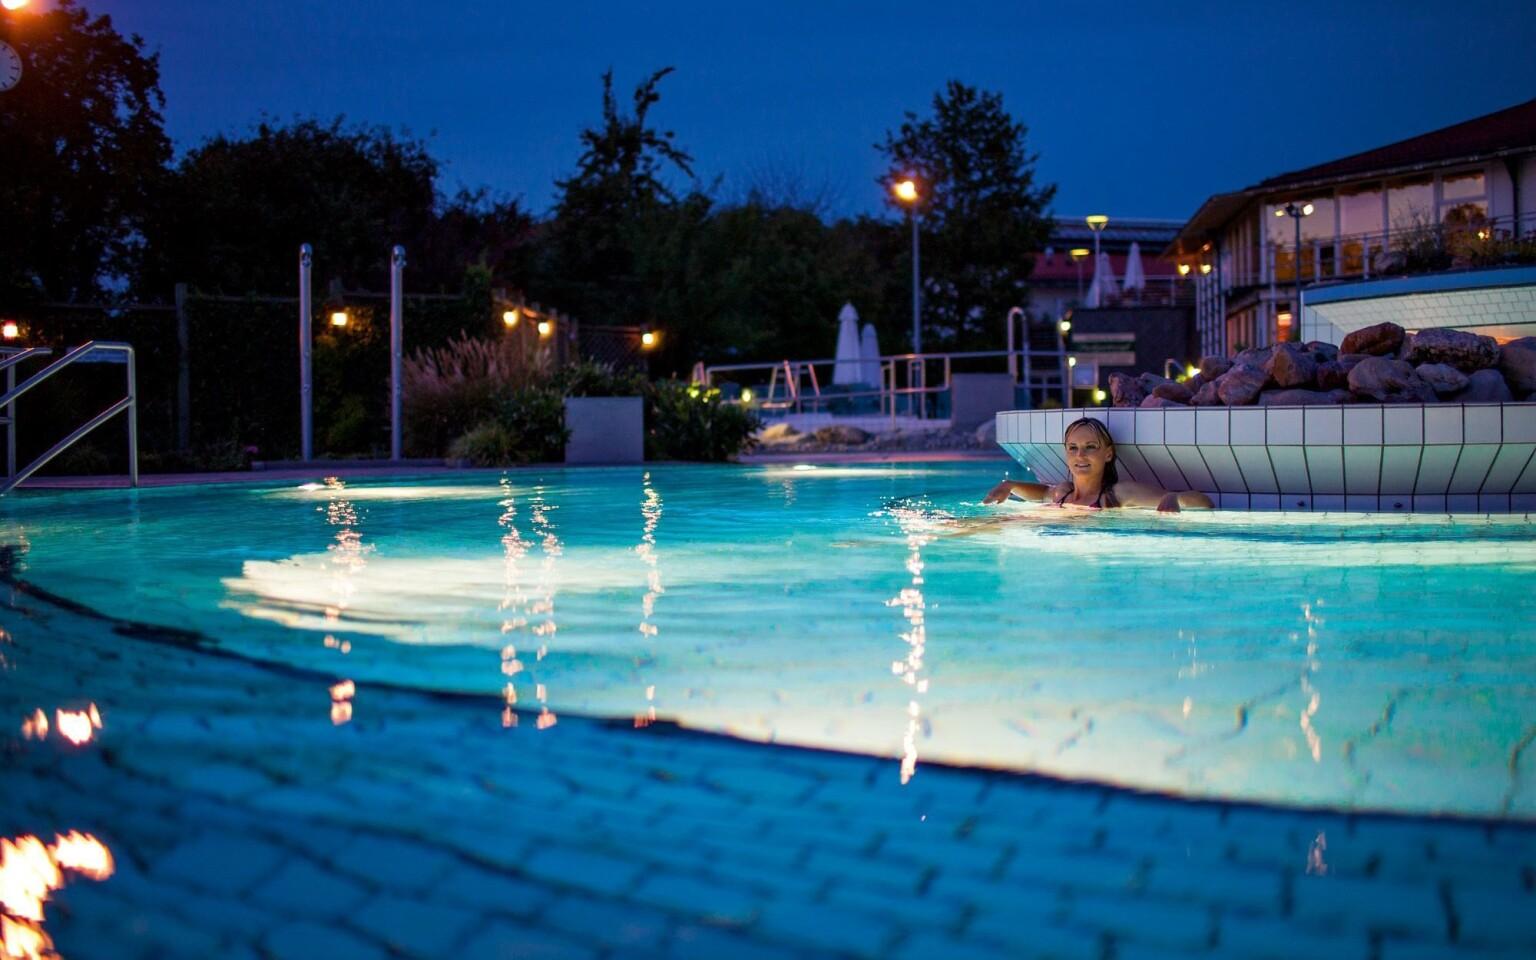 Termálne kúpele Rottal Terme Bad Birnbach (15 km)